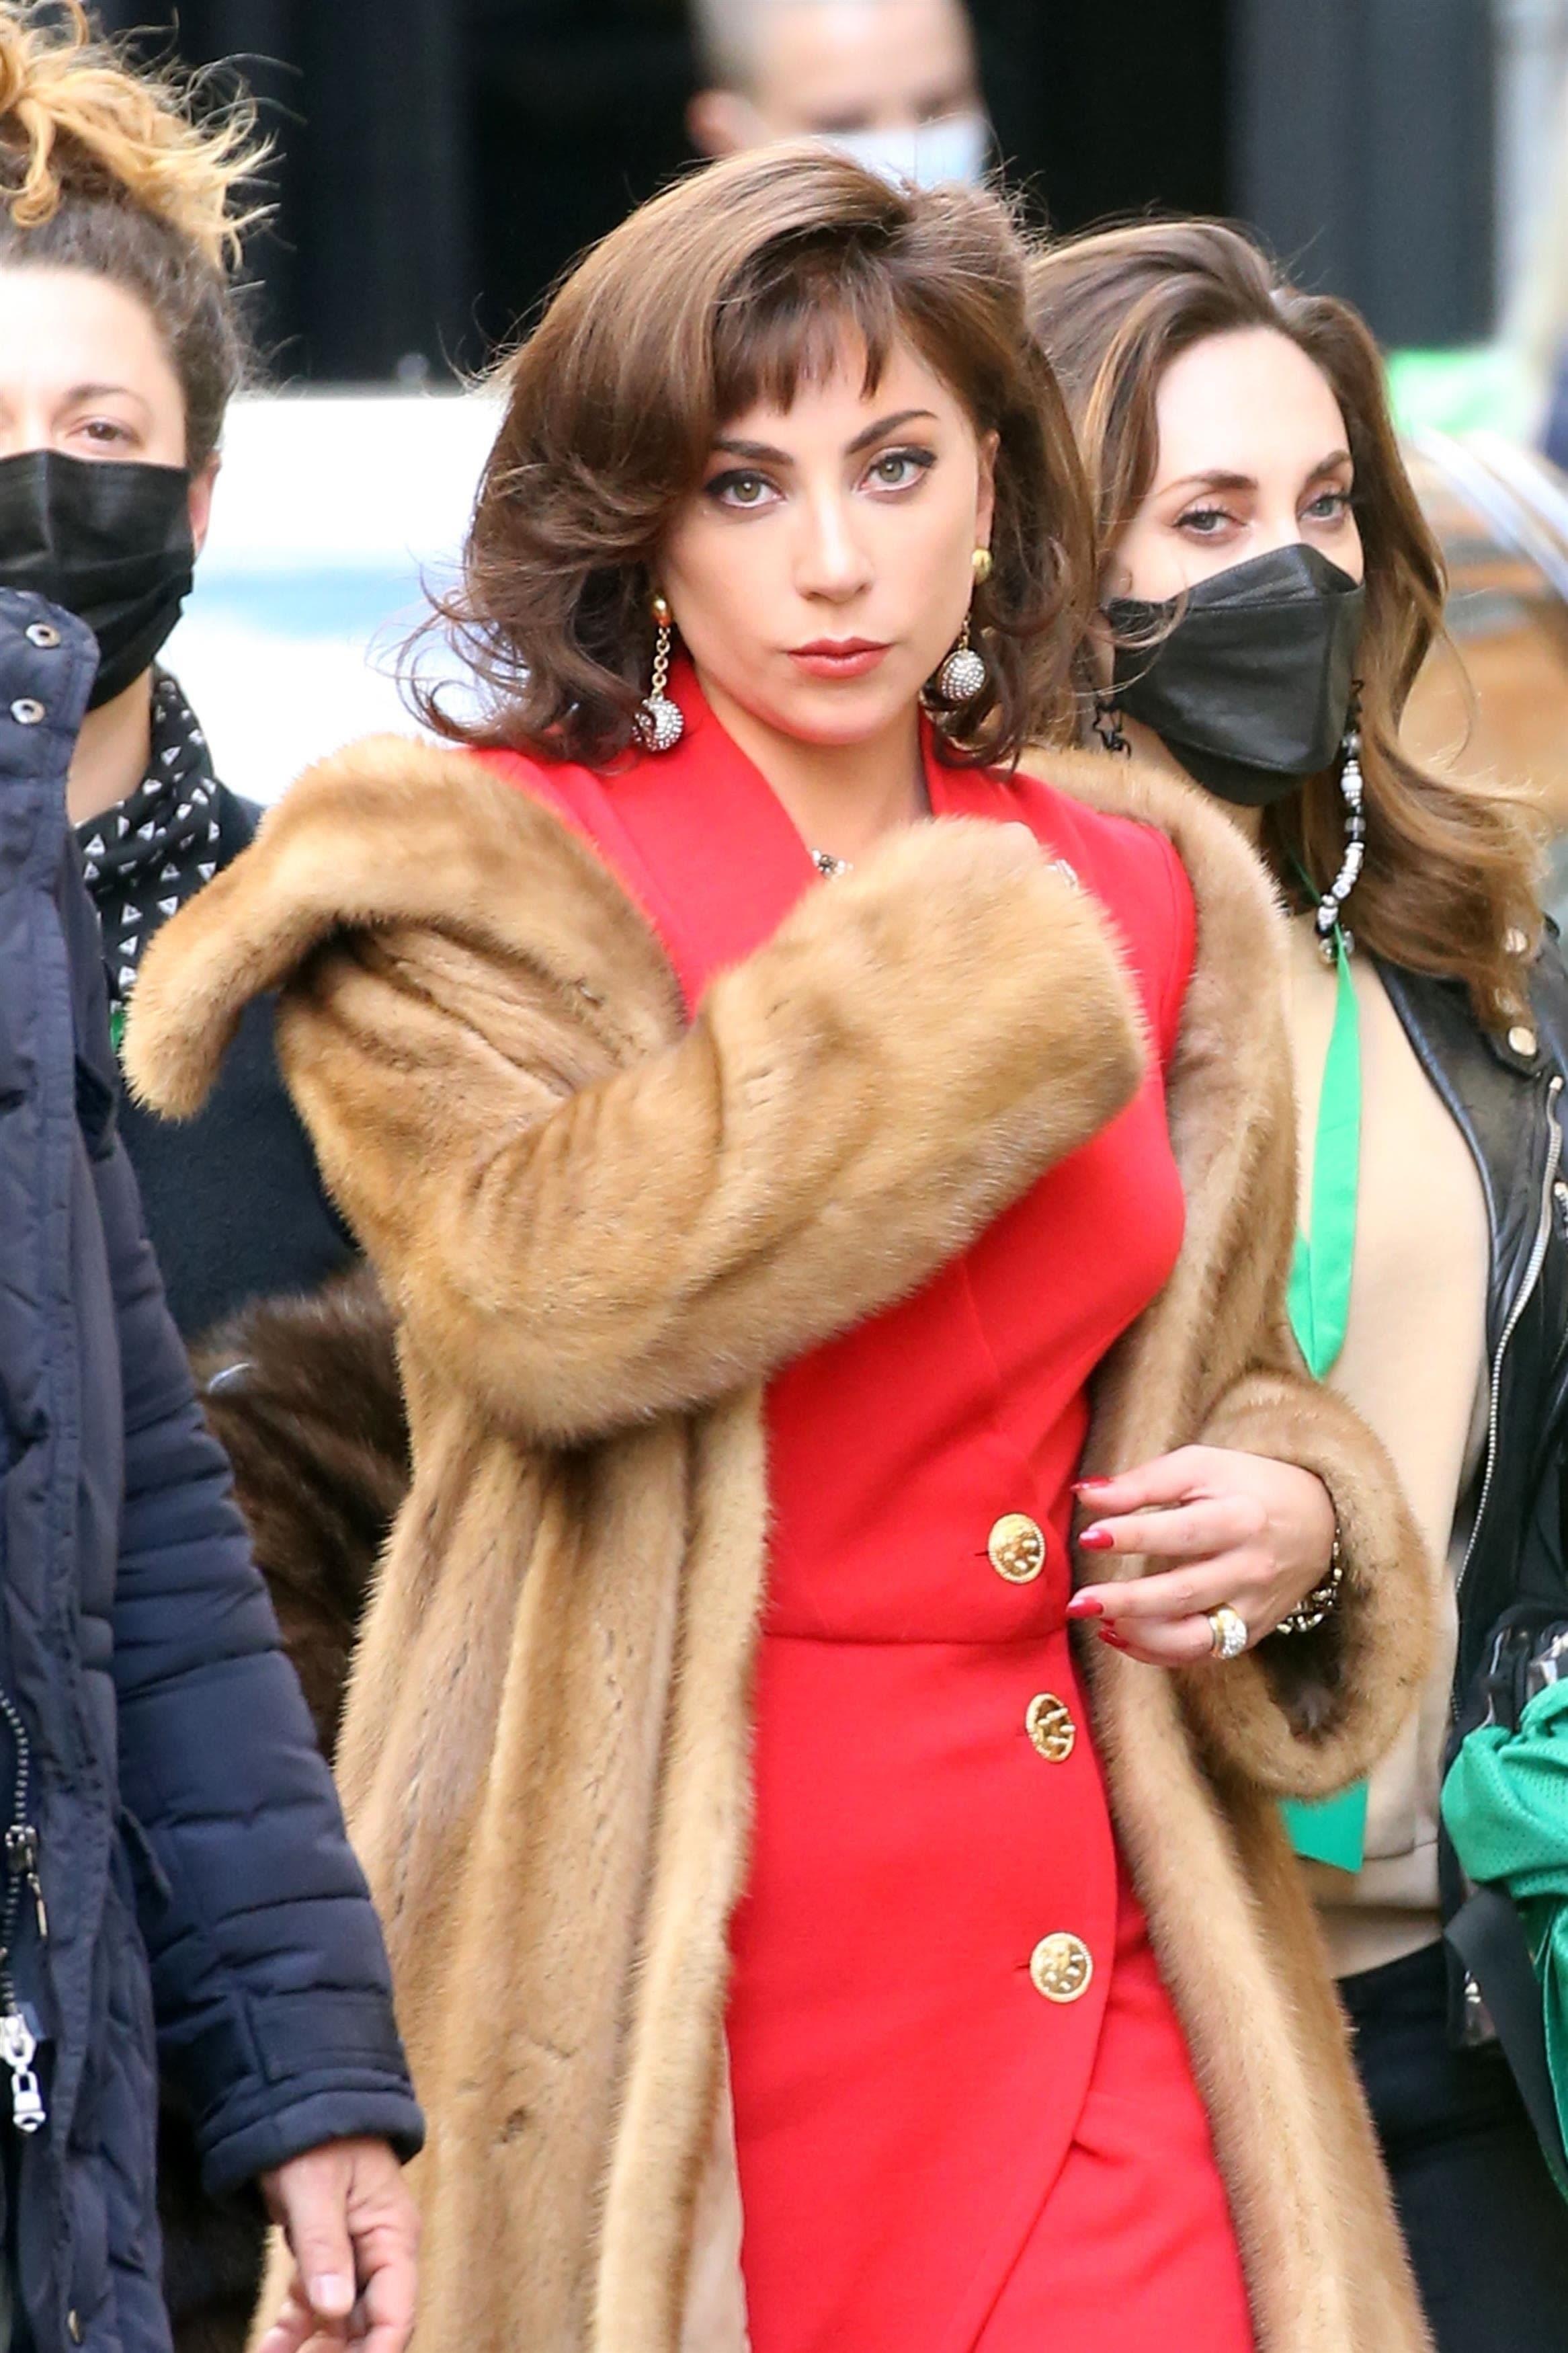 Lady Gaga in a fur coat